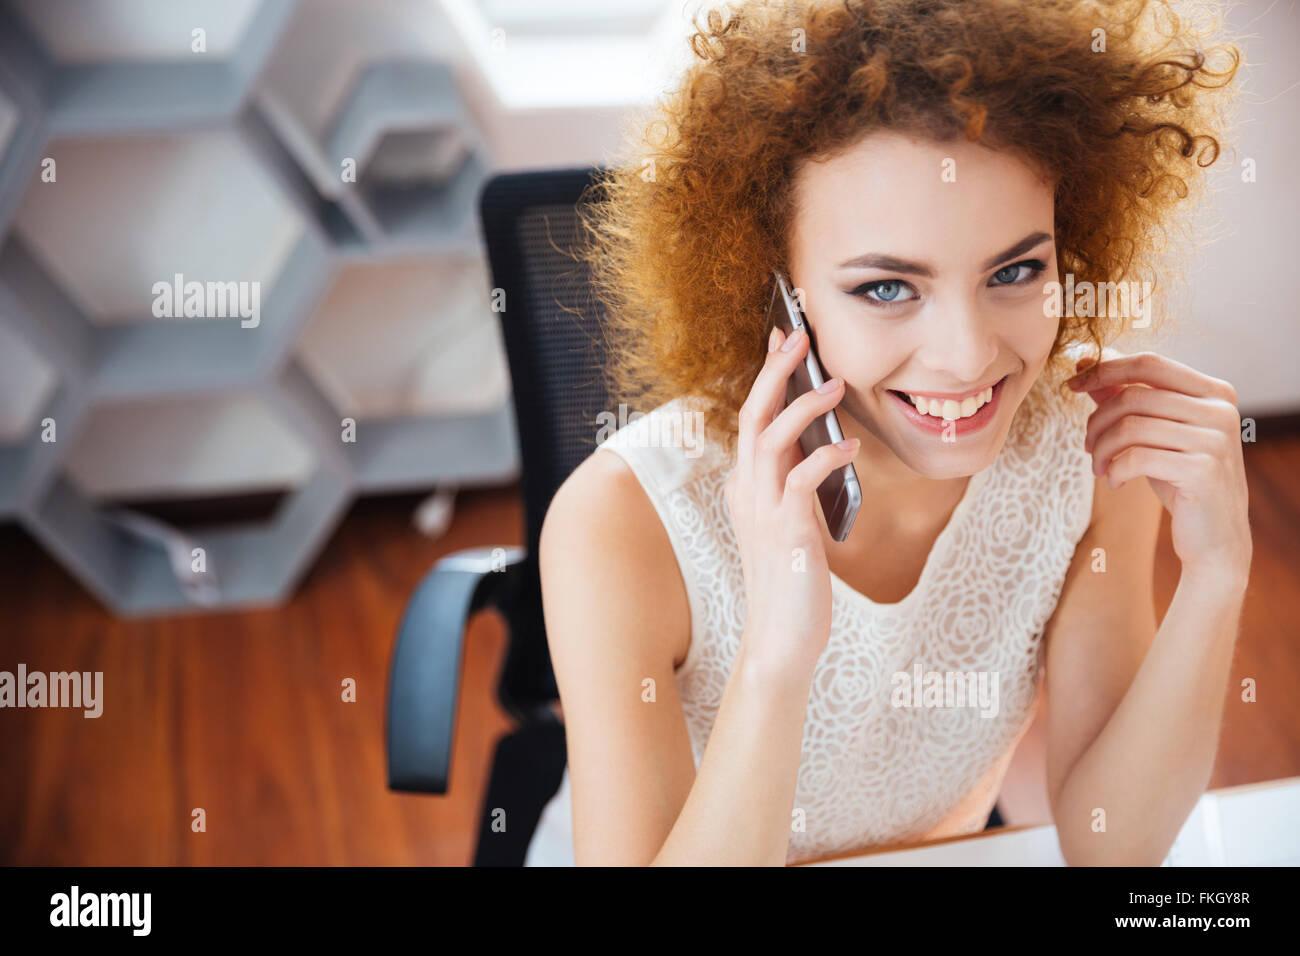 Sonriente hermosa mujer de negocios con pelo rojo rizado hablando por teléfono móvil en el lugar de trabajo Imagen De Stock